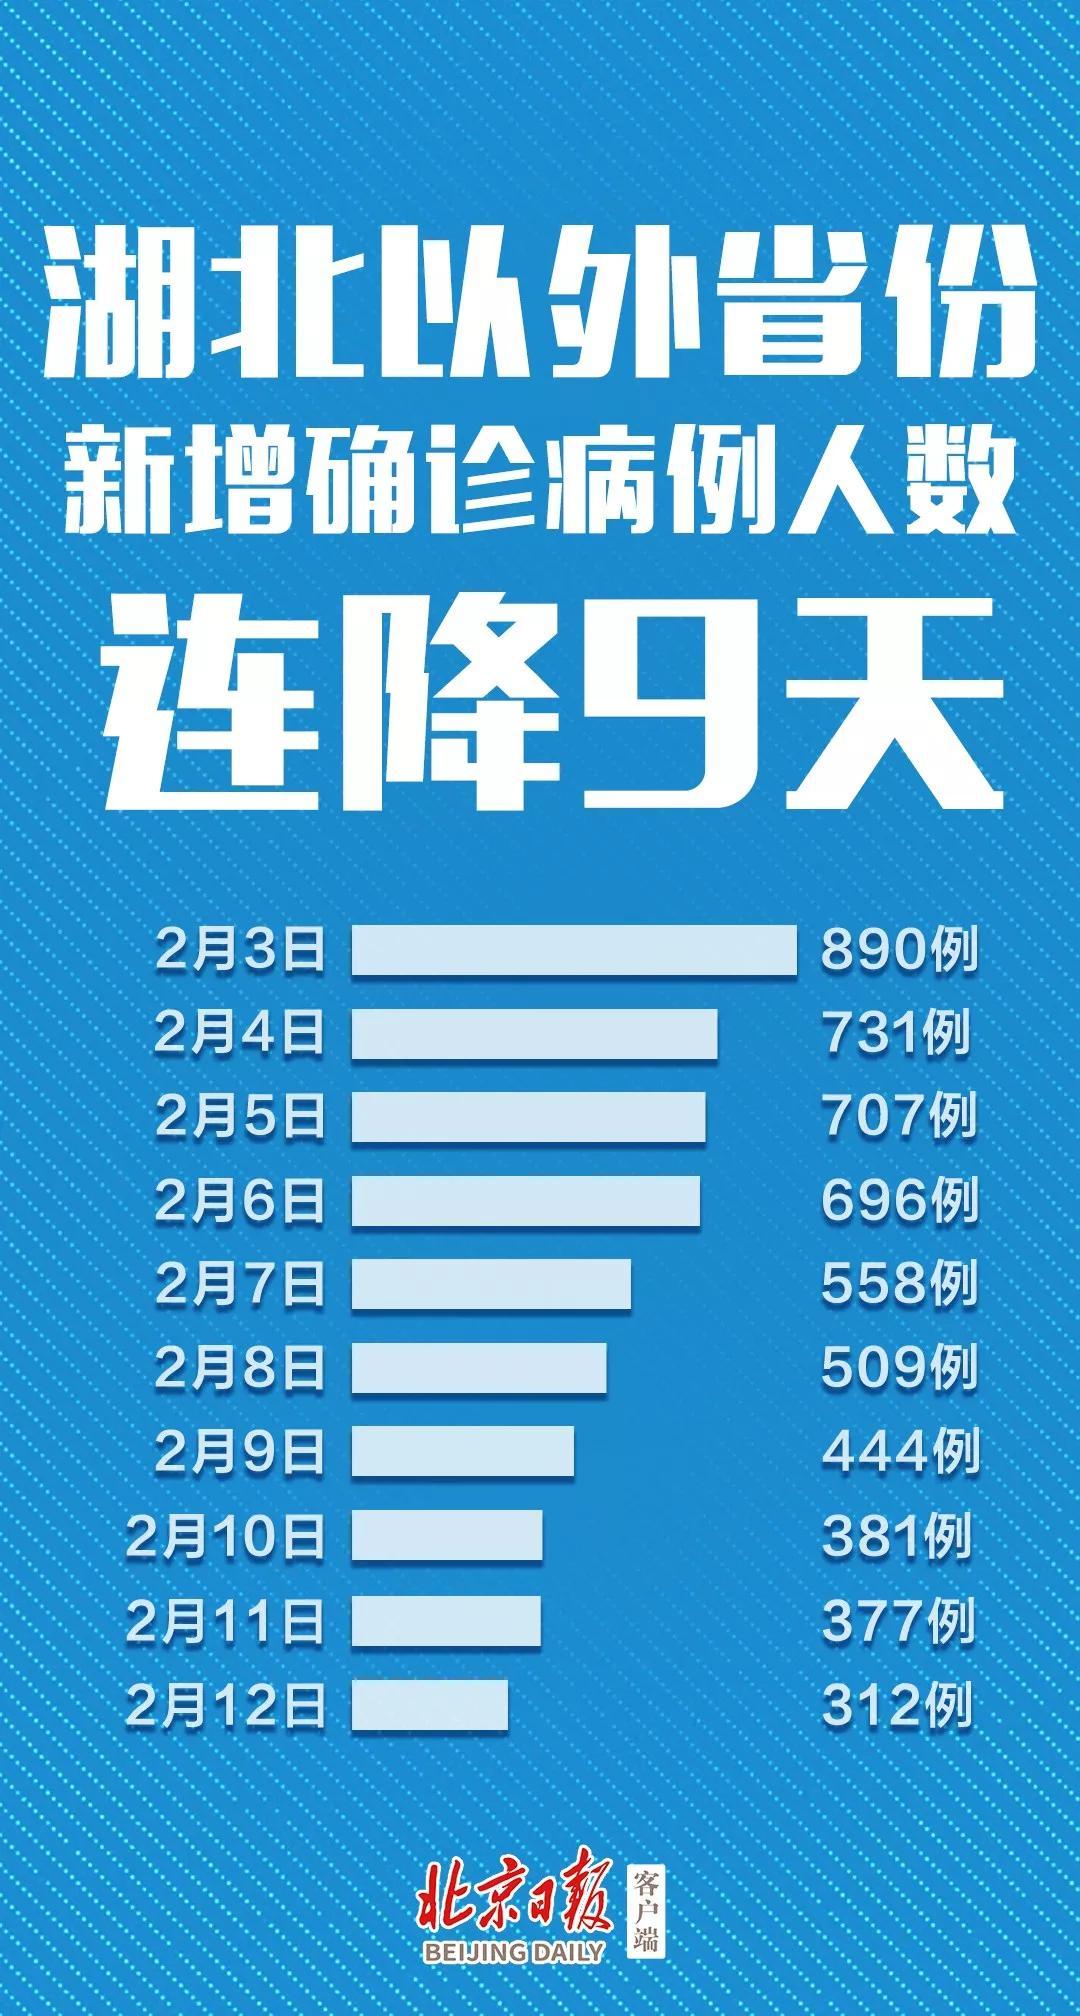 全国新增15152例 钟南山李兰娟团队同时发出提醒